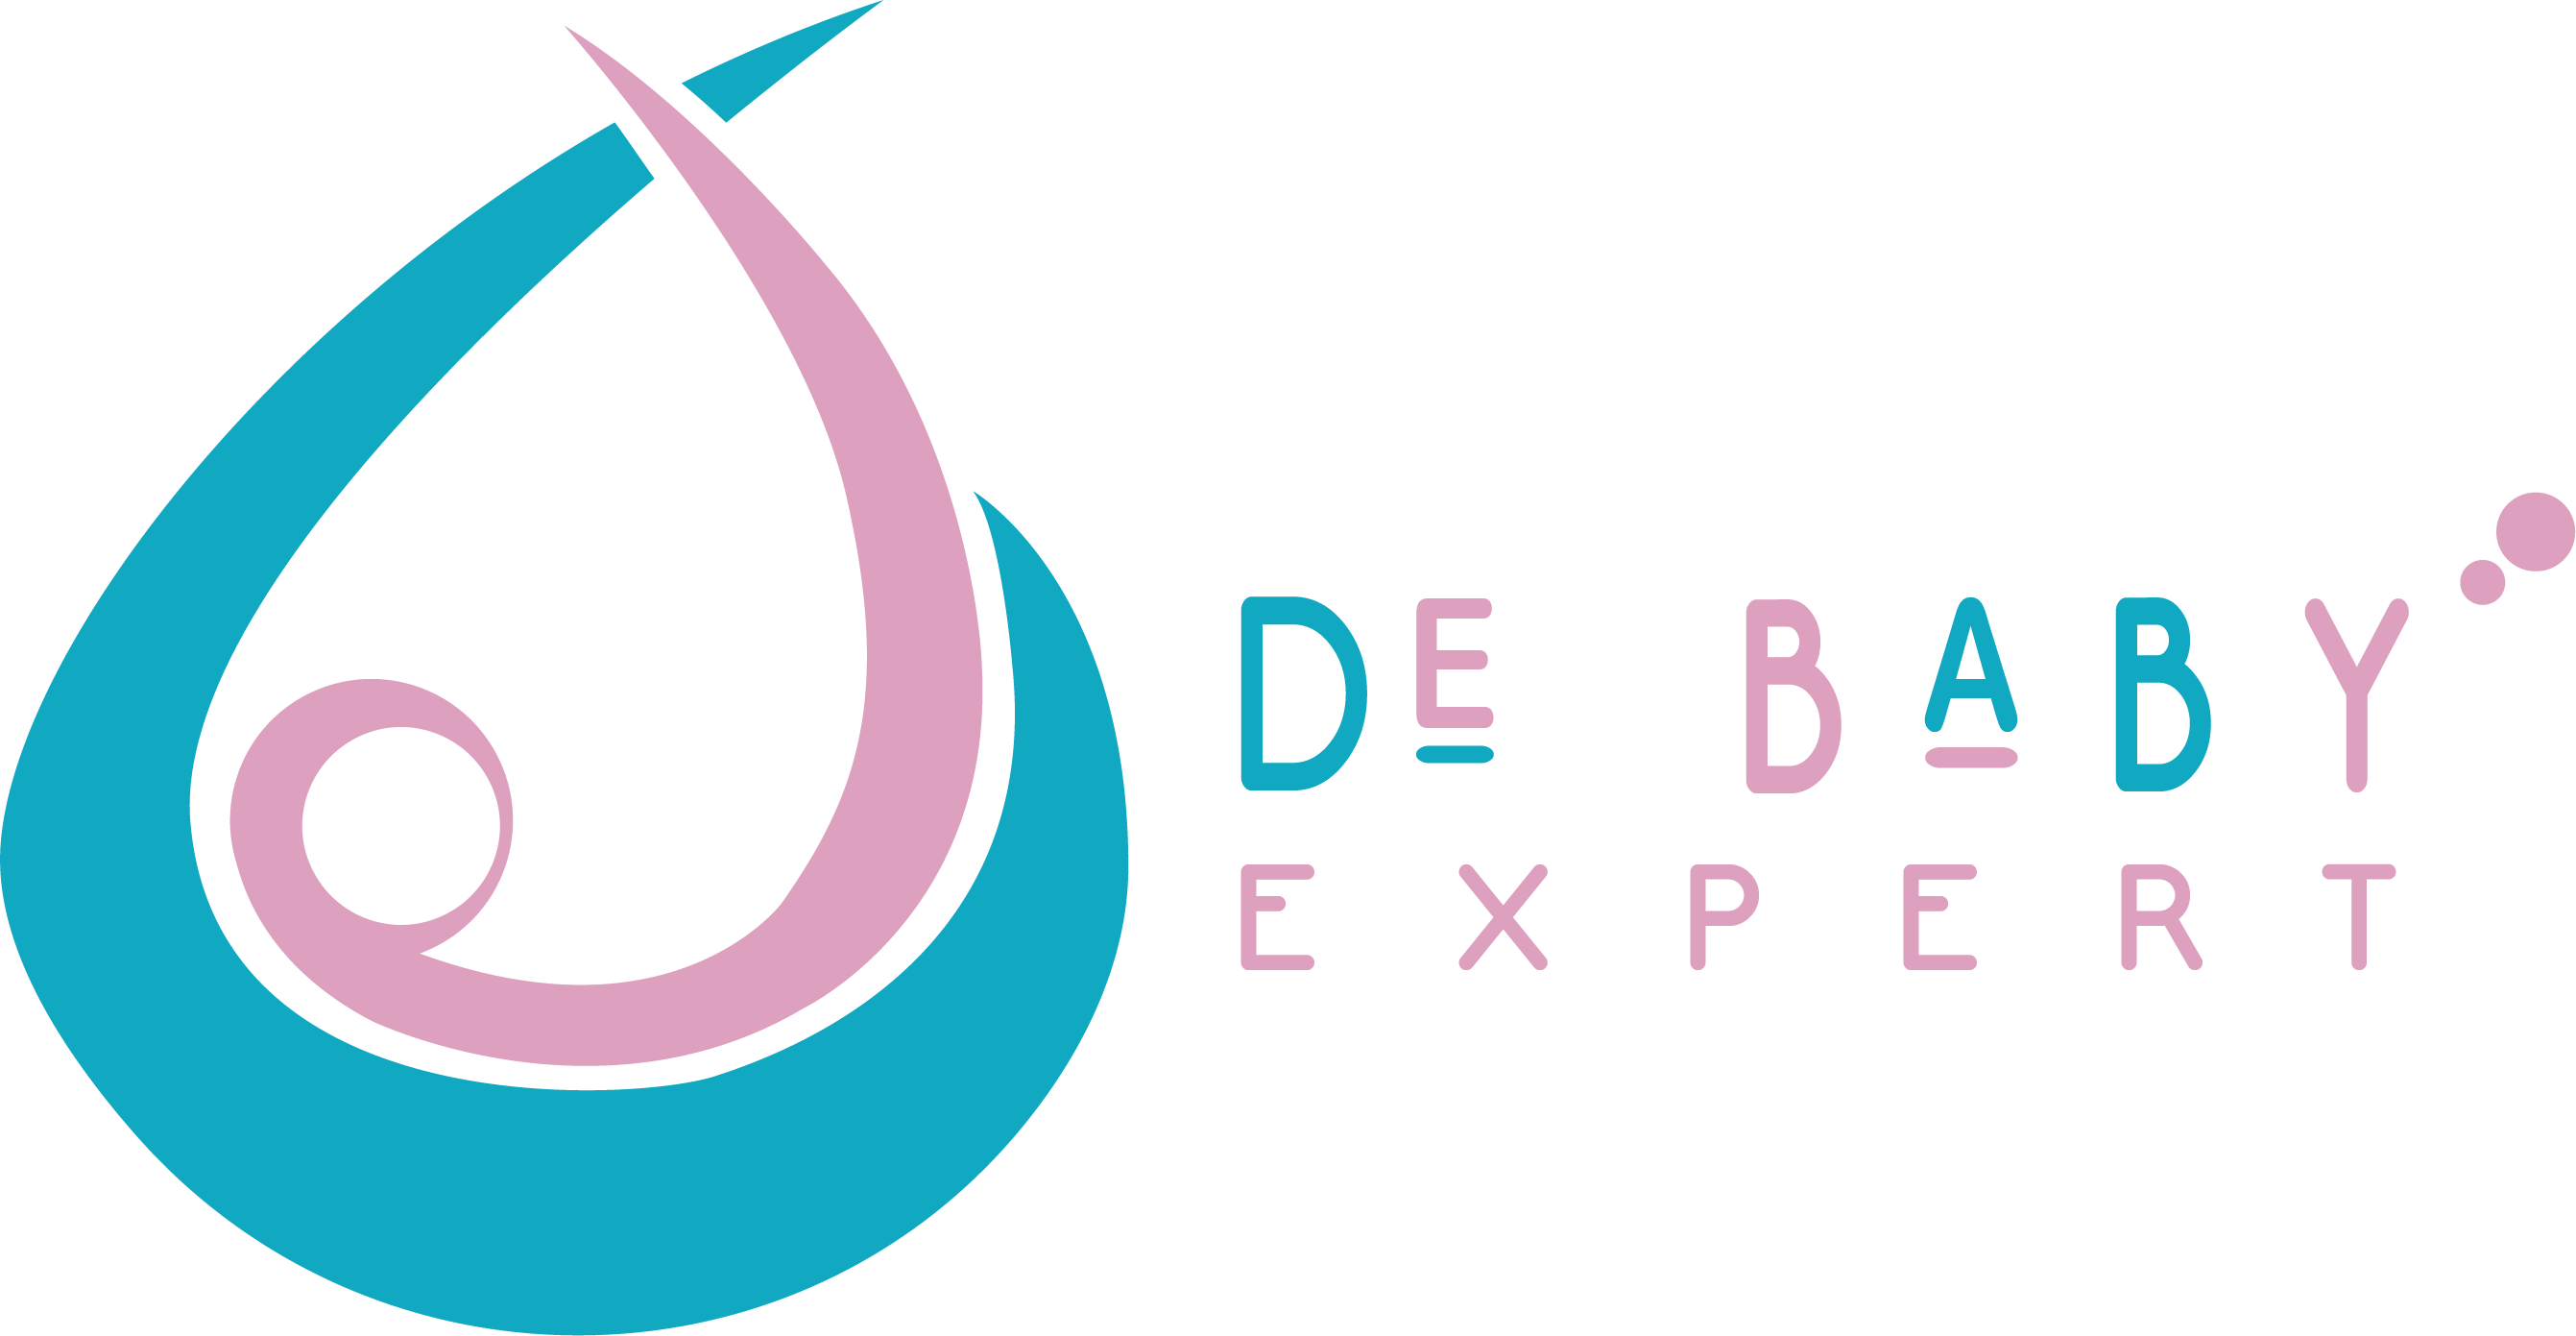 DeBabyExpert